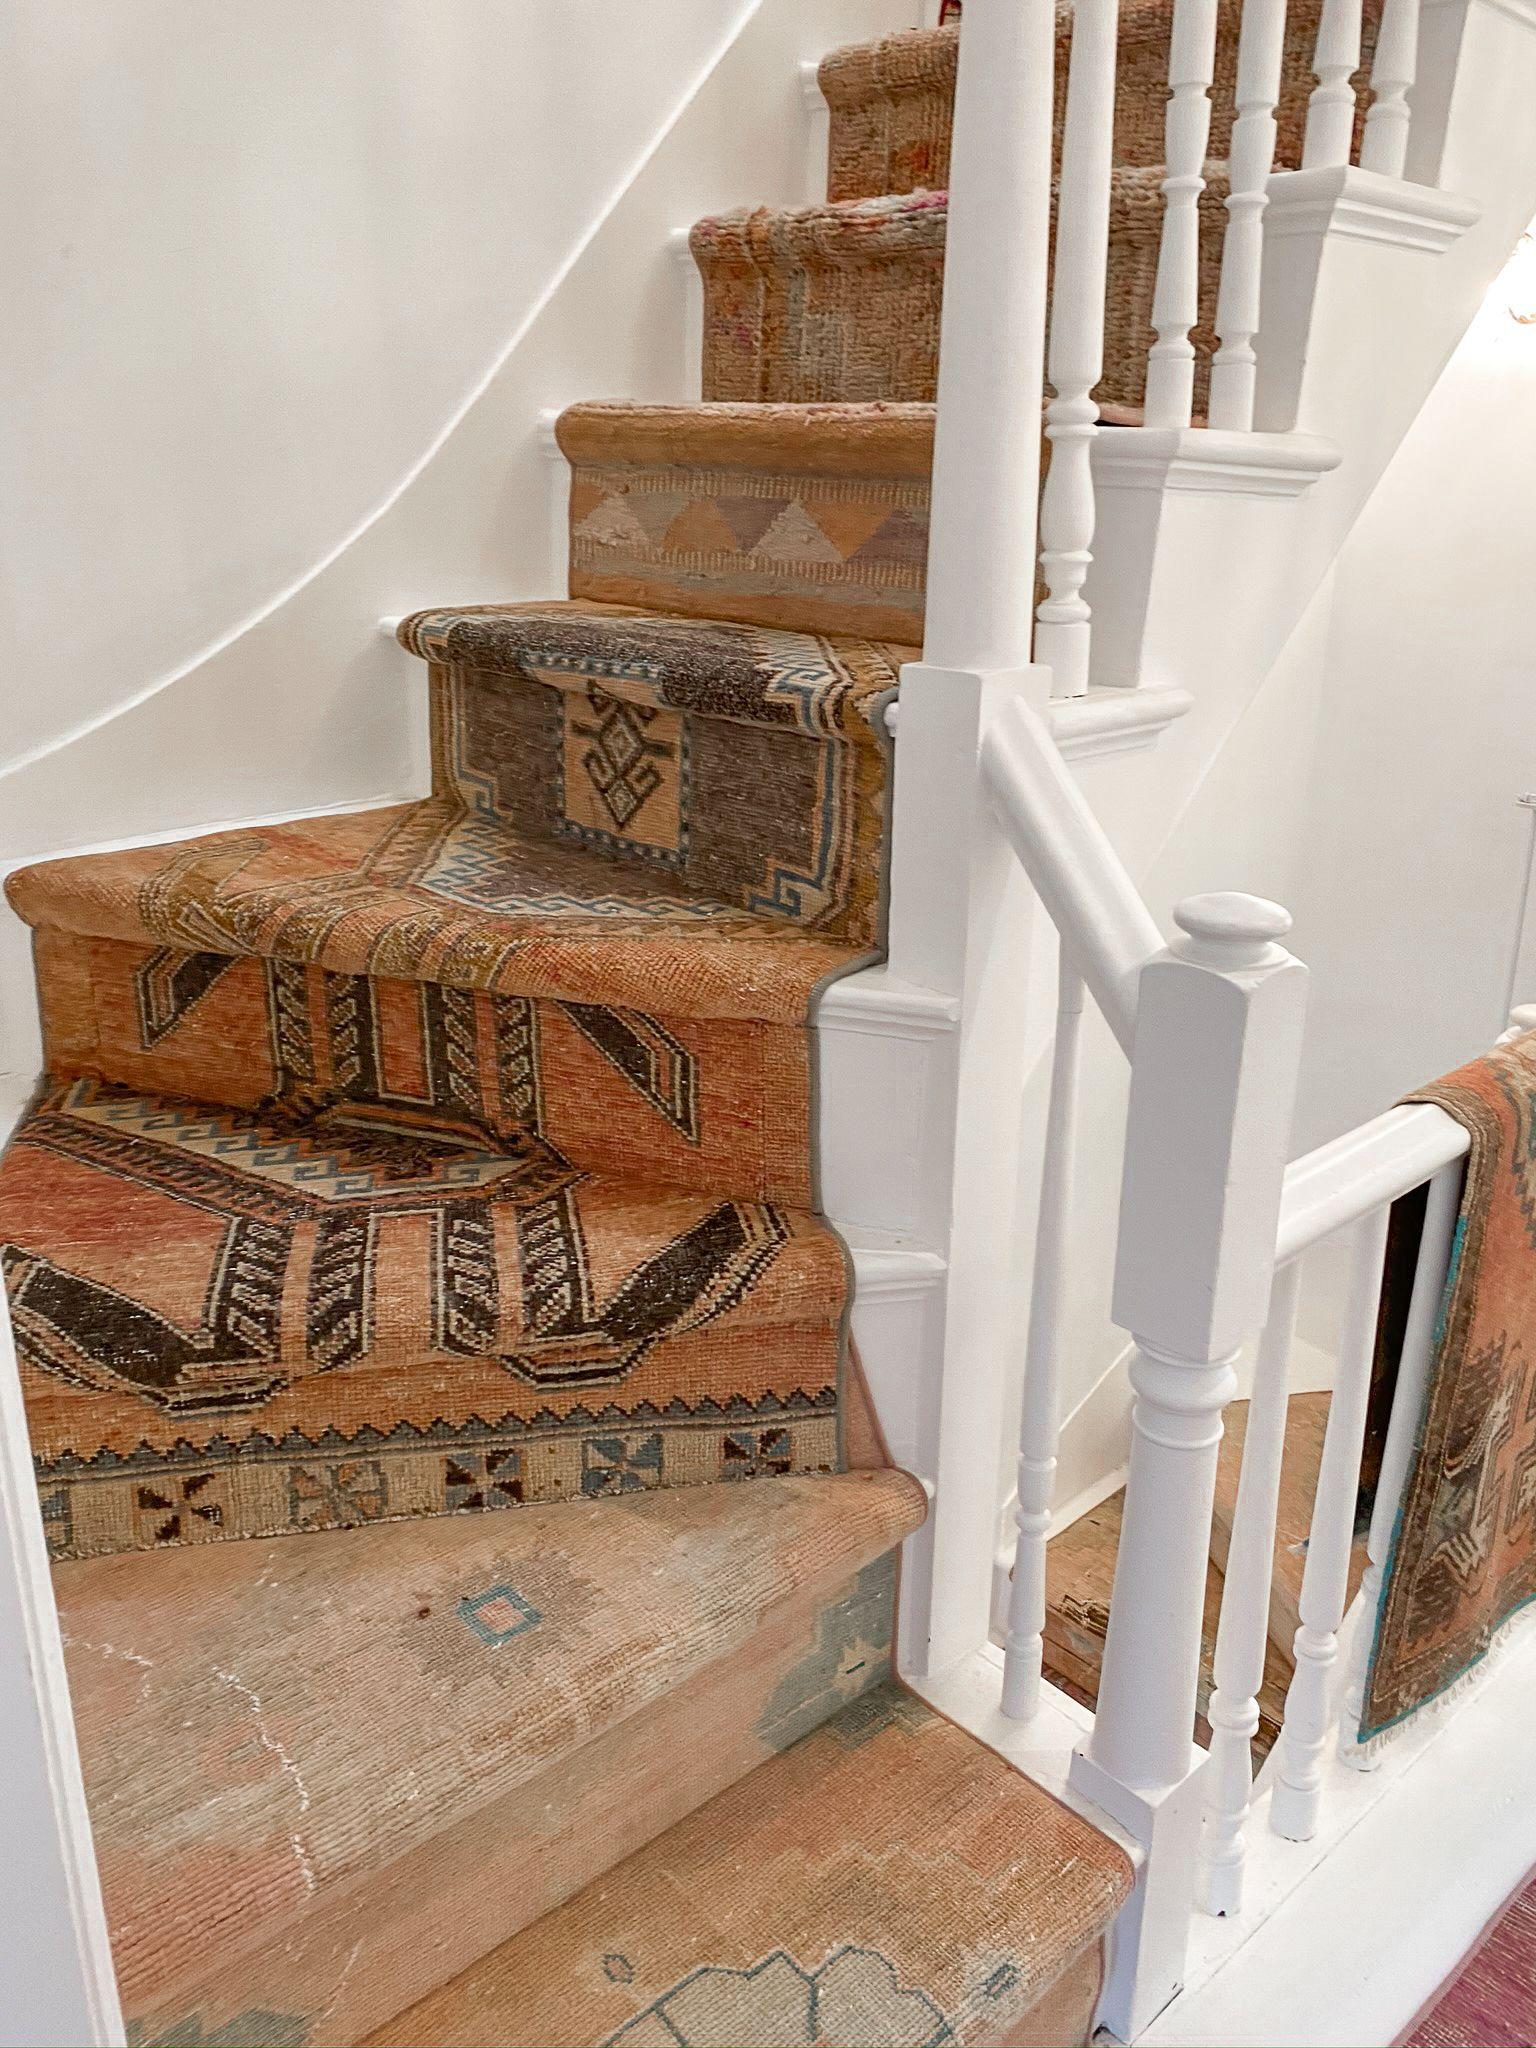 Vintage Pink Orange Stair Runner In 2020 Stair Runner Stairs | Rug Runners For Stairs | Wood | Antelope | Hallway | Persian | Mid Century Modern